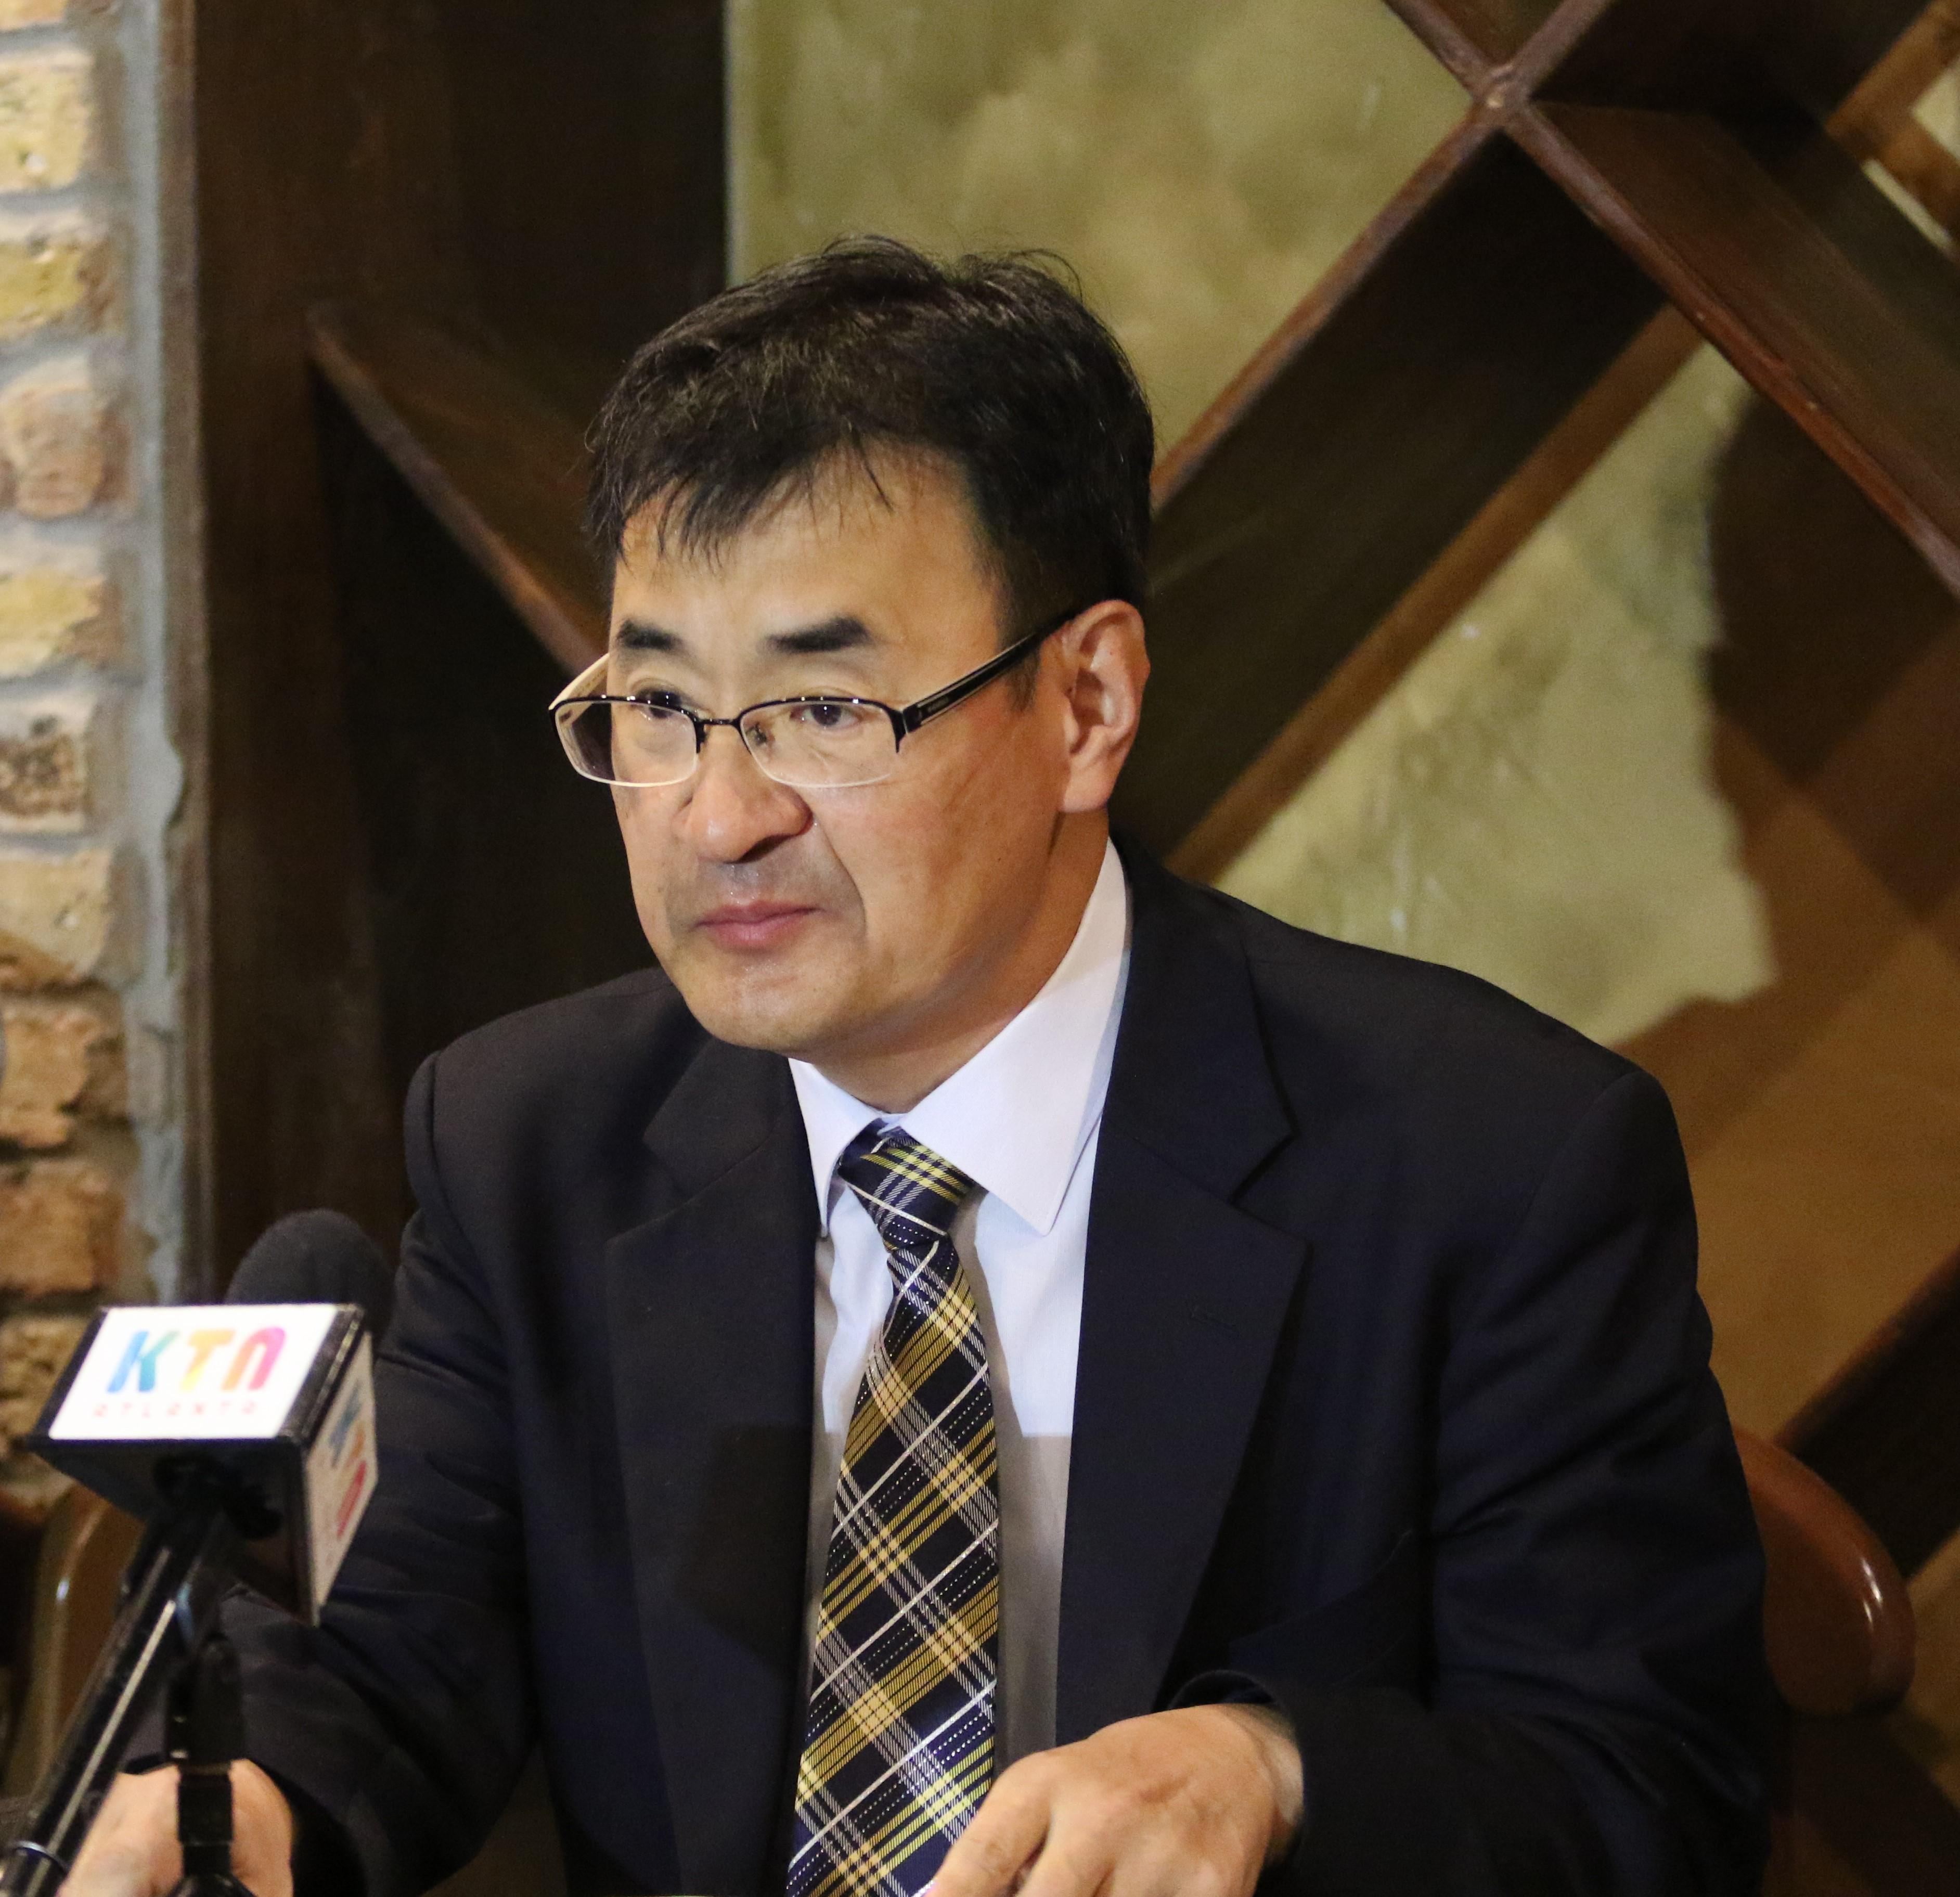 김세환 목사는 9월 20일 오전 아틀란타 인근 둘루스에 위치한 한 카페에서 기자회견을 열고, 북조지아 연회 사법위원회의 기각에도 불구하고 자신을 라그랜지한인교회로 파송한 결정에 불복하겠다는 입장을 밝혔다. 사진, 김응선, 연합감리교뉴스.